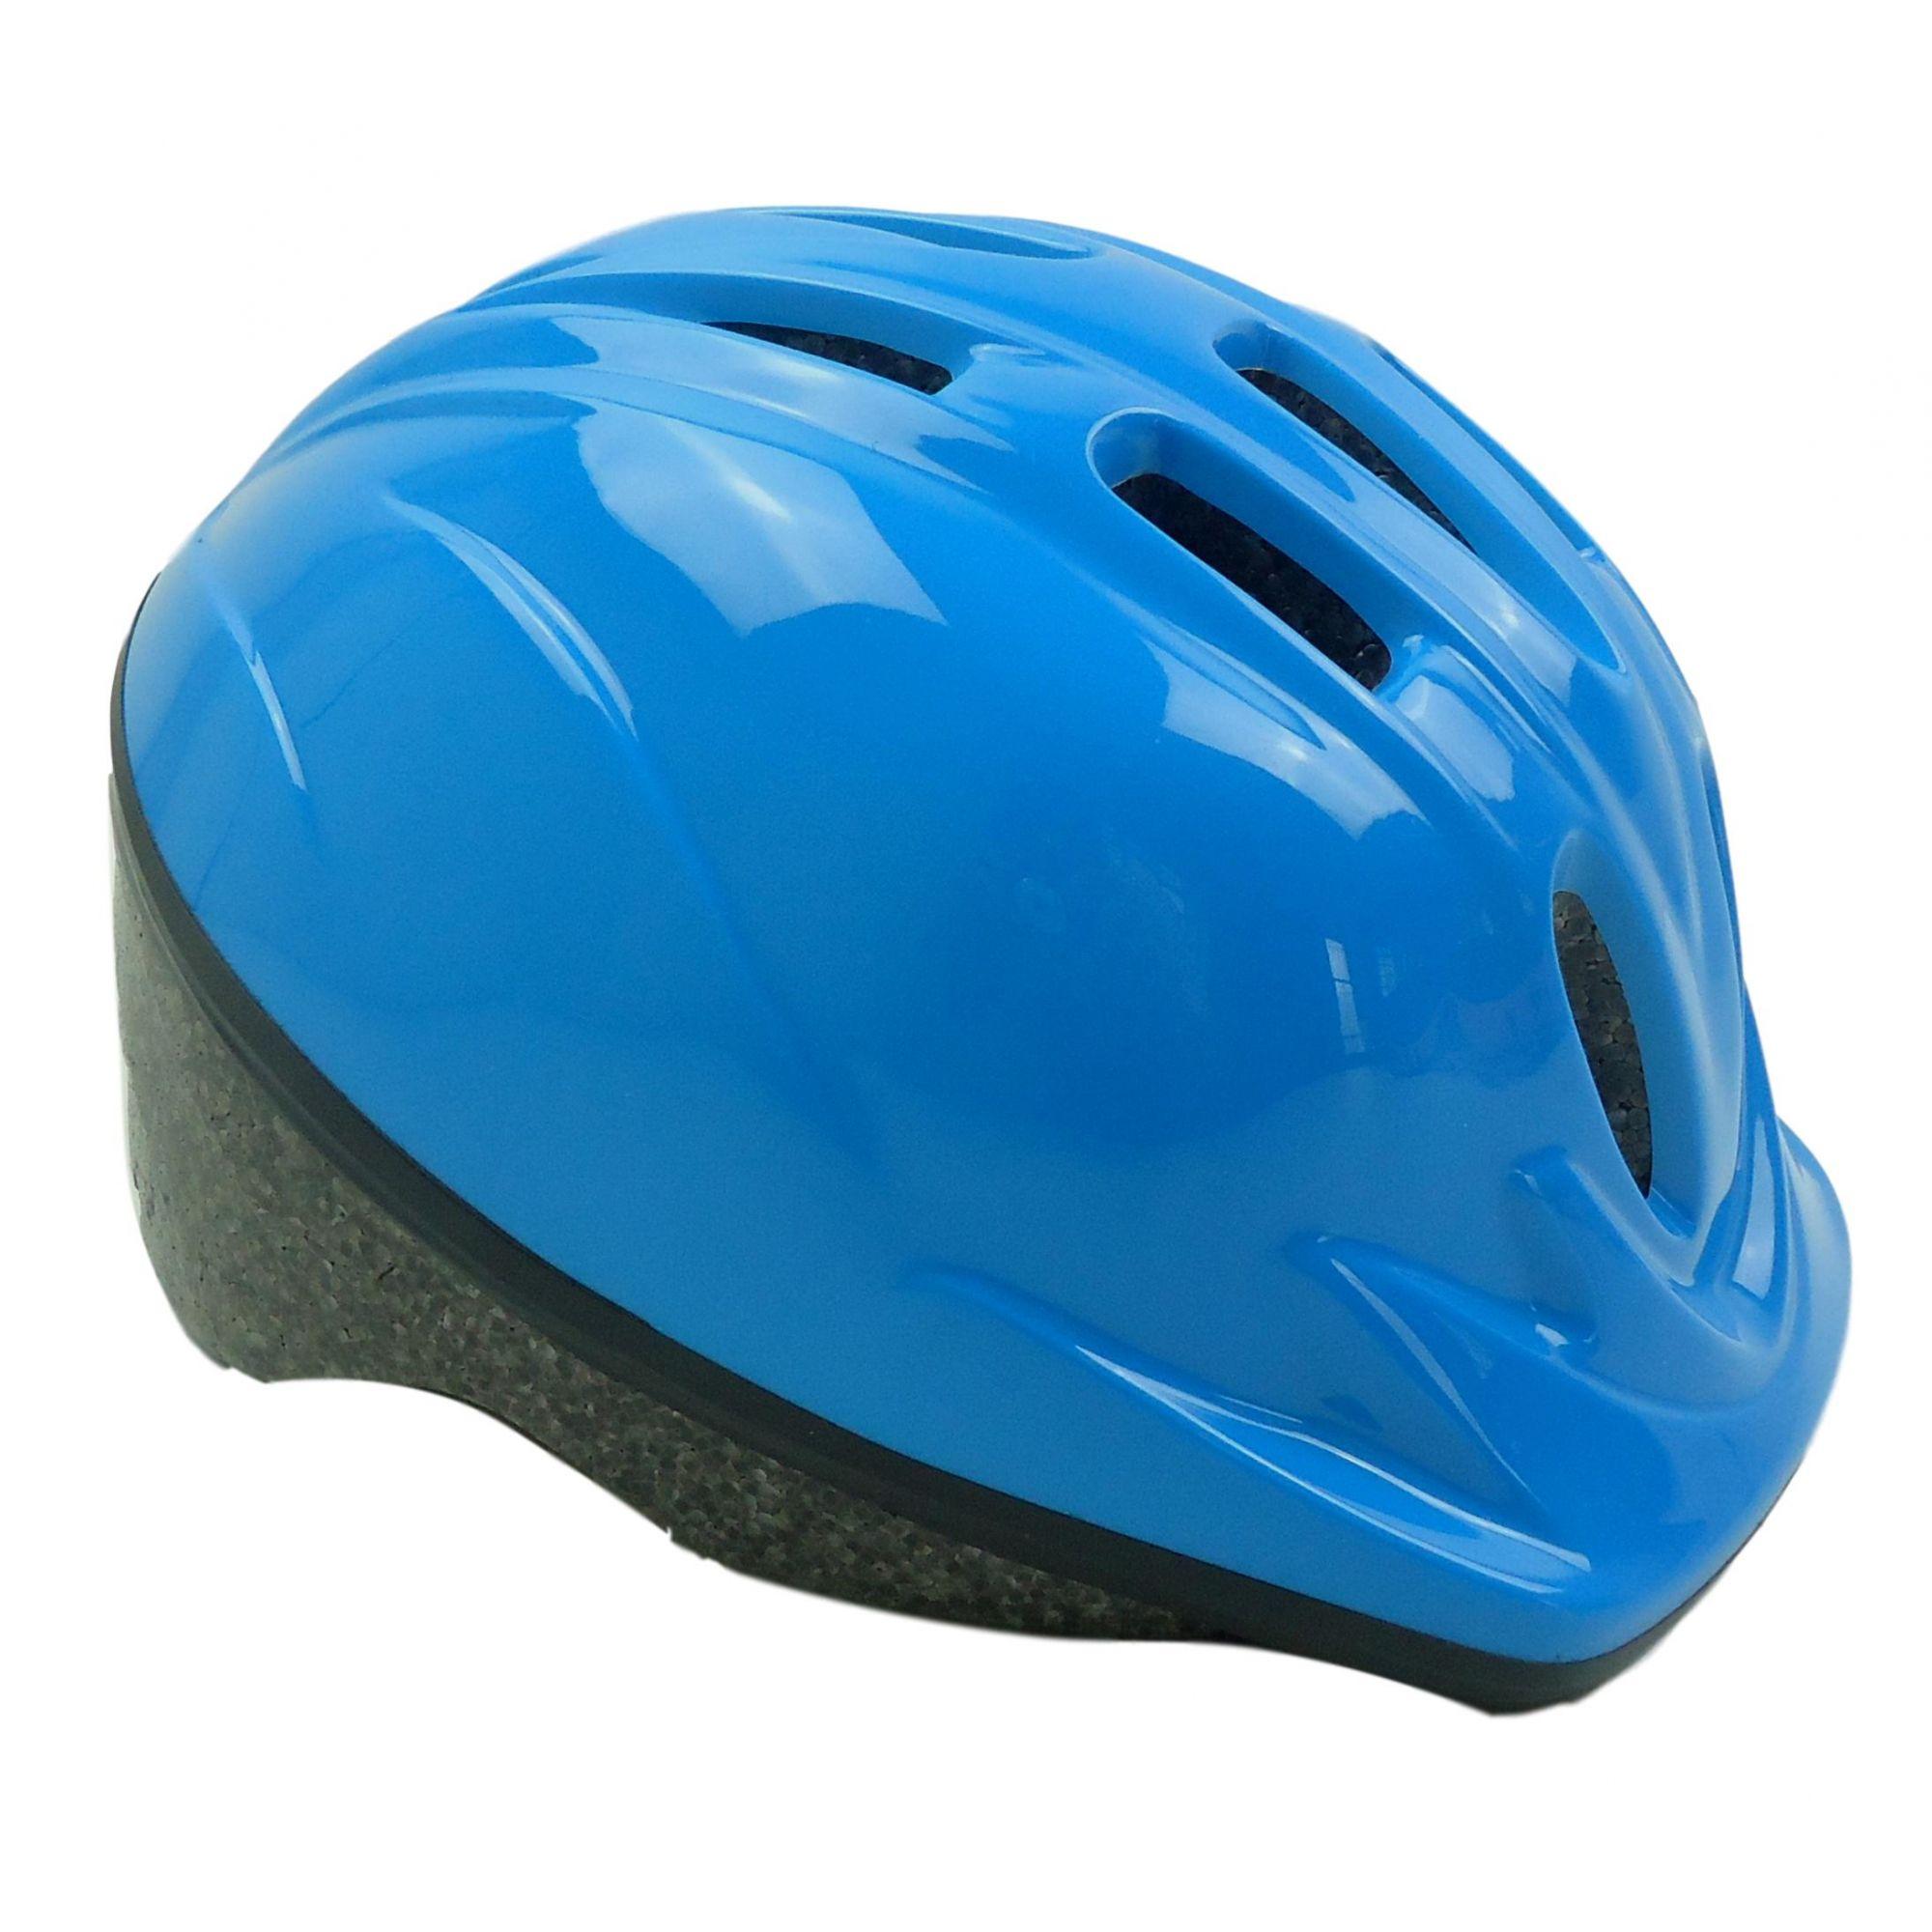 Capacete Bicicleta Infantil Kidzamo Cor Azul Para Meninos 4 à 8 anos 48-52cm